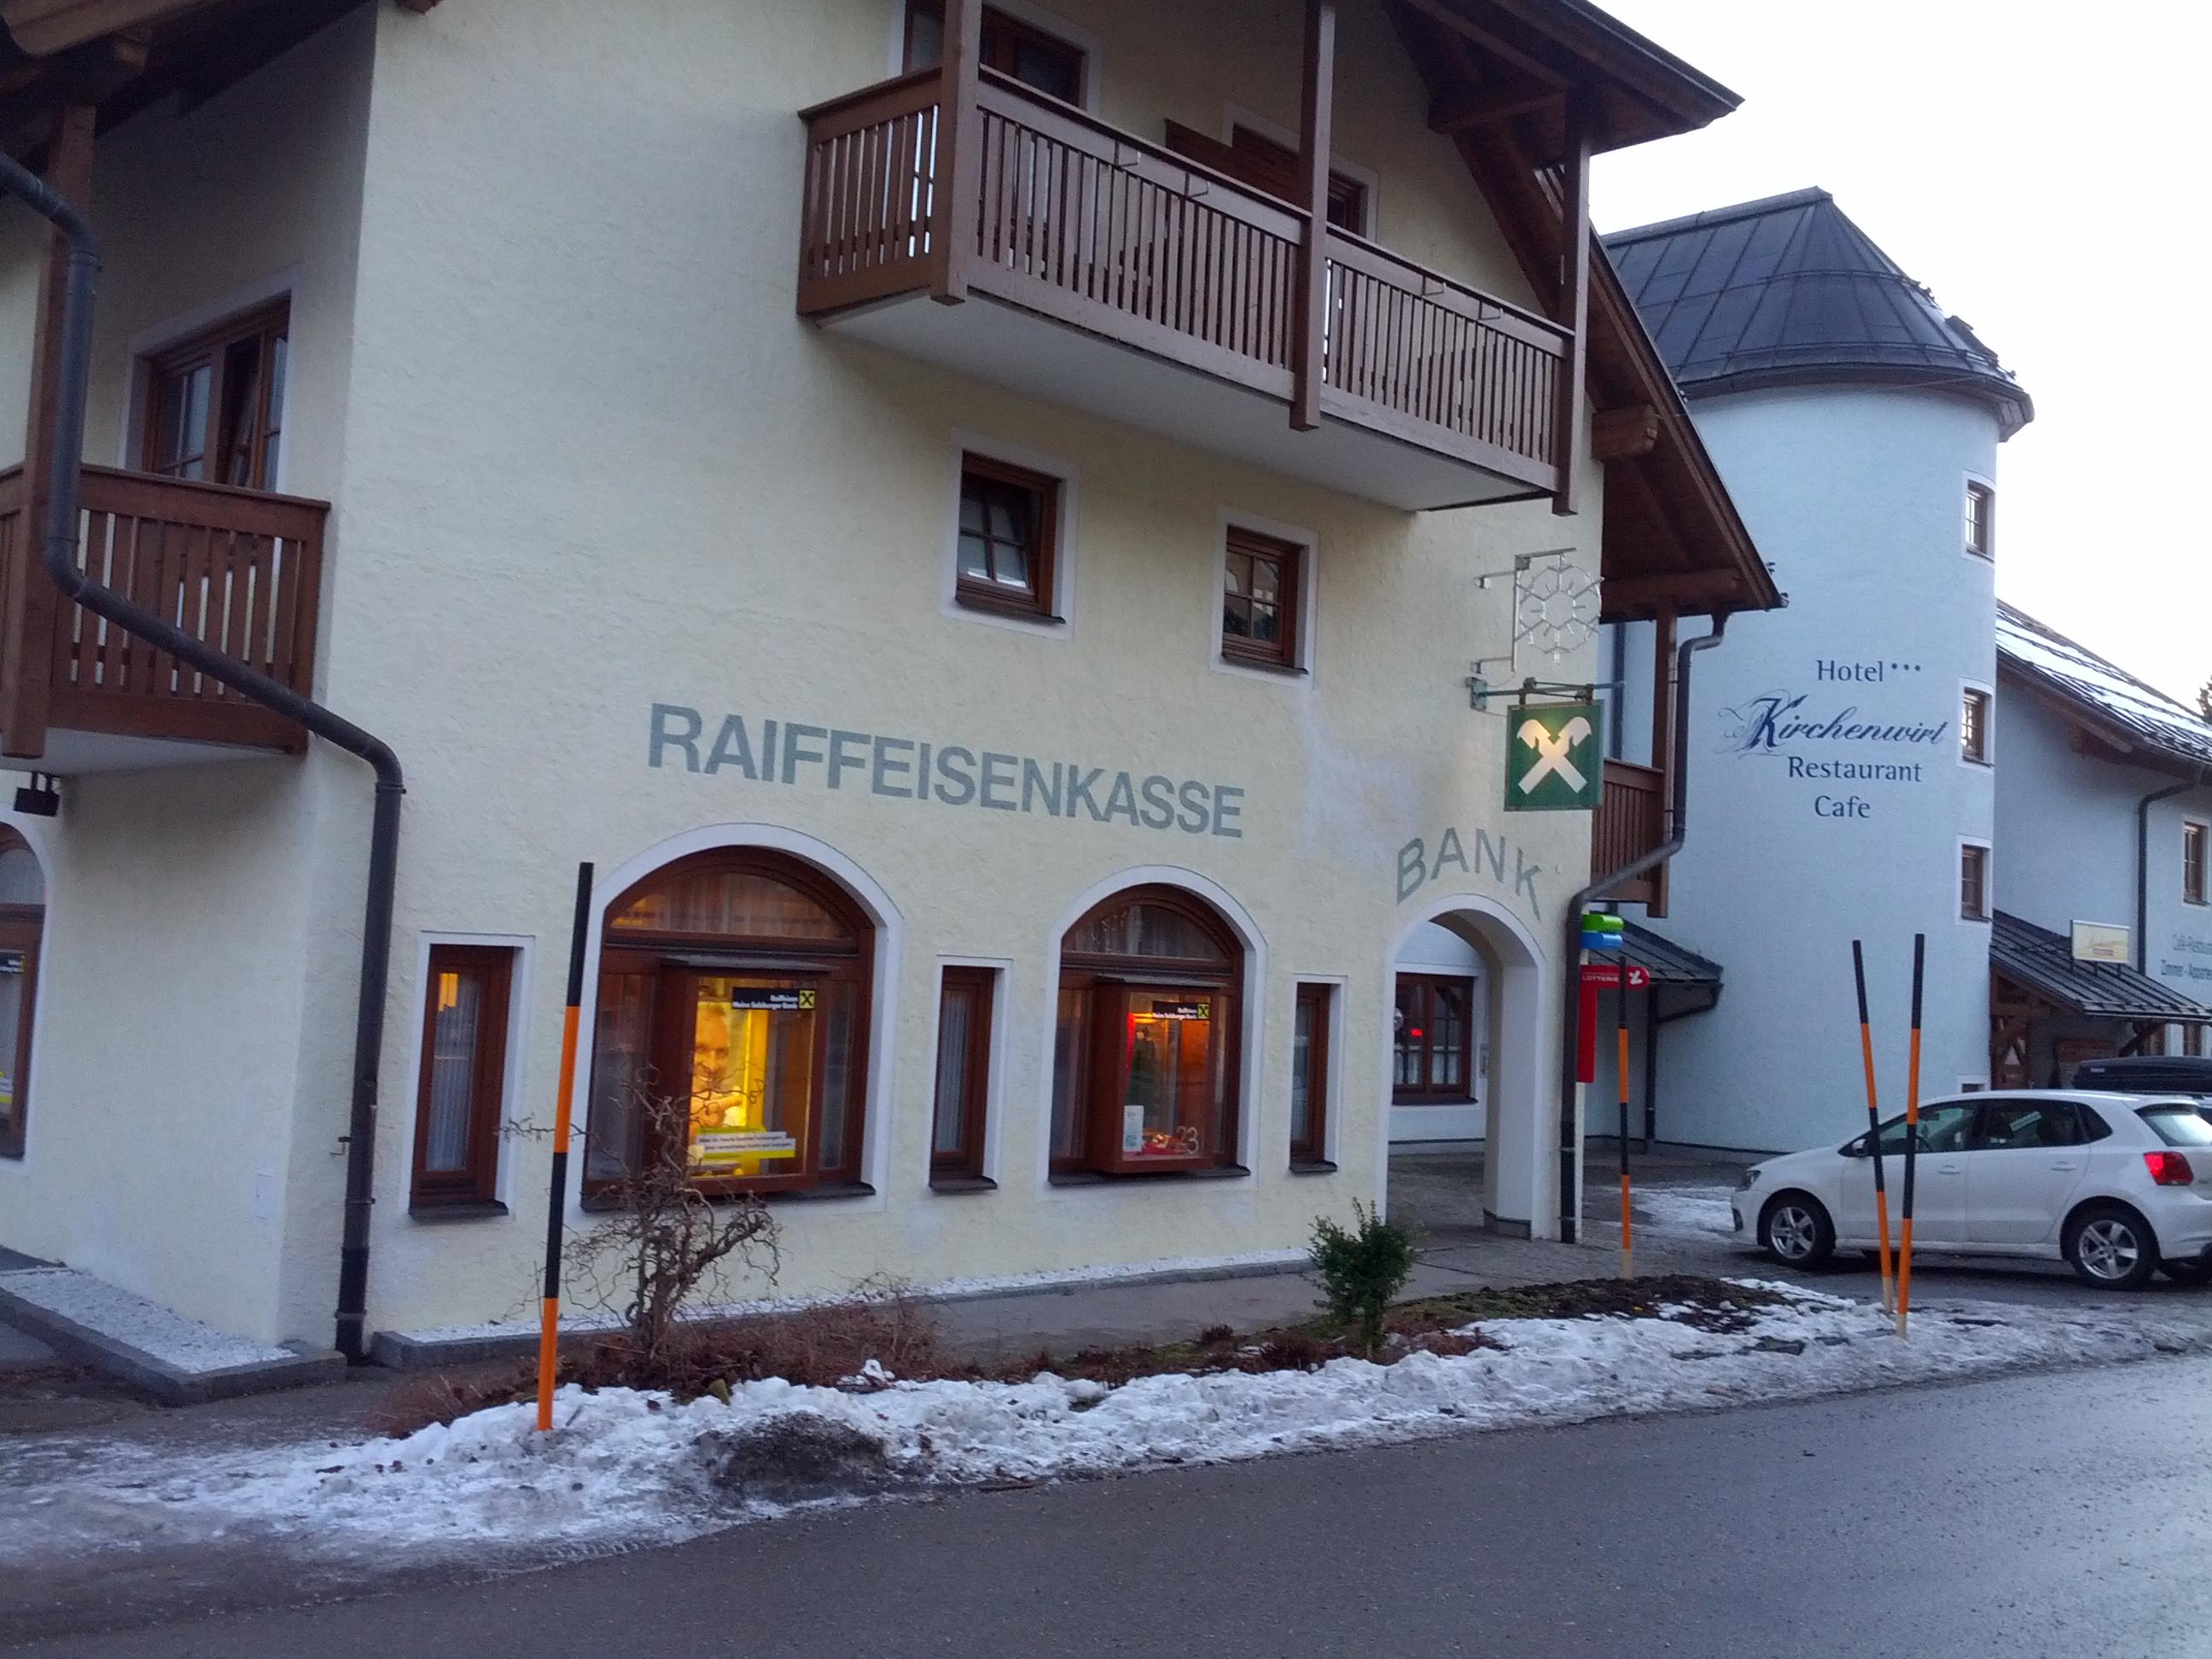 Raiffeisenbank Abtenau-Rußbach reg. Gen. m. b. H. Zws. Rußbach am Paß Gschütt